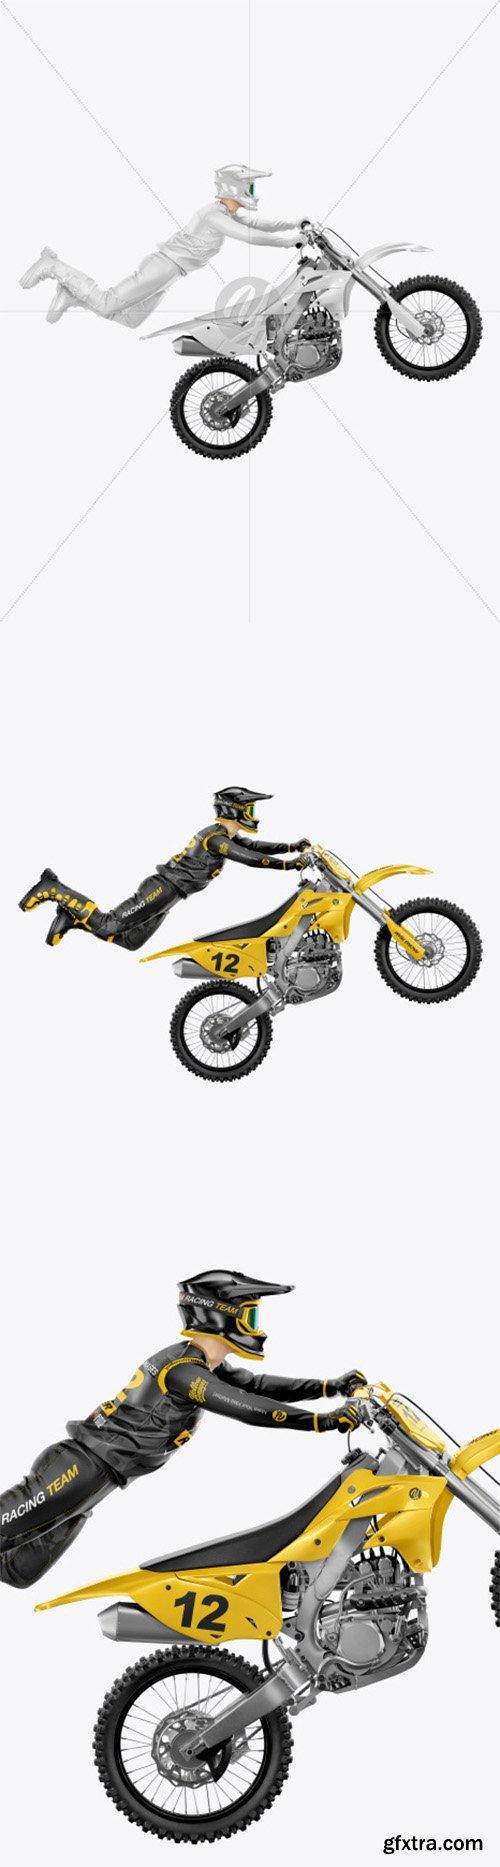 Flying Motocross Racer w/ Bike Mockup 66147